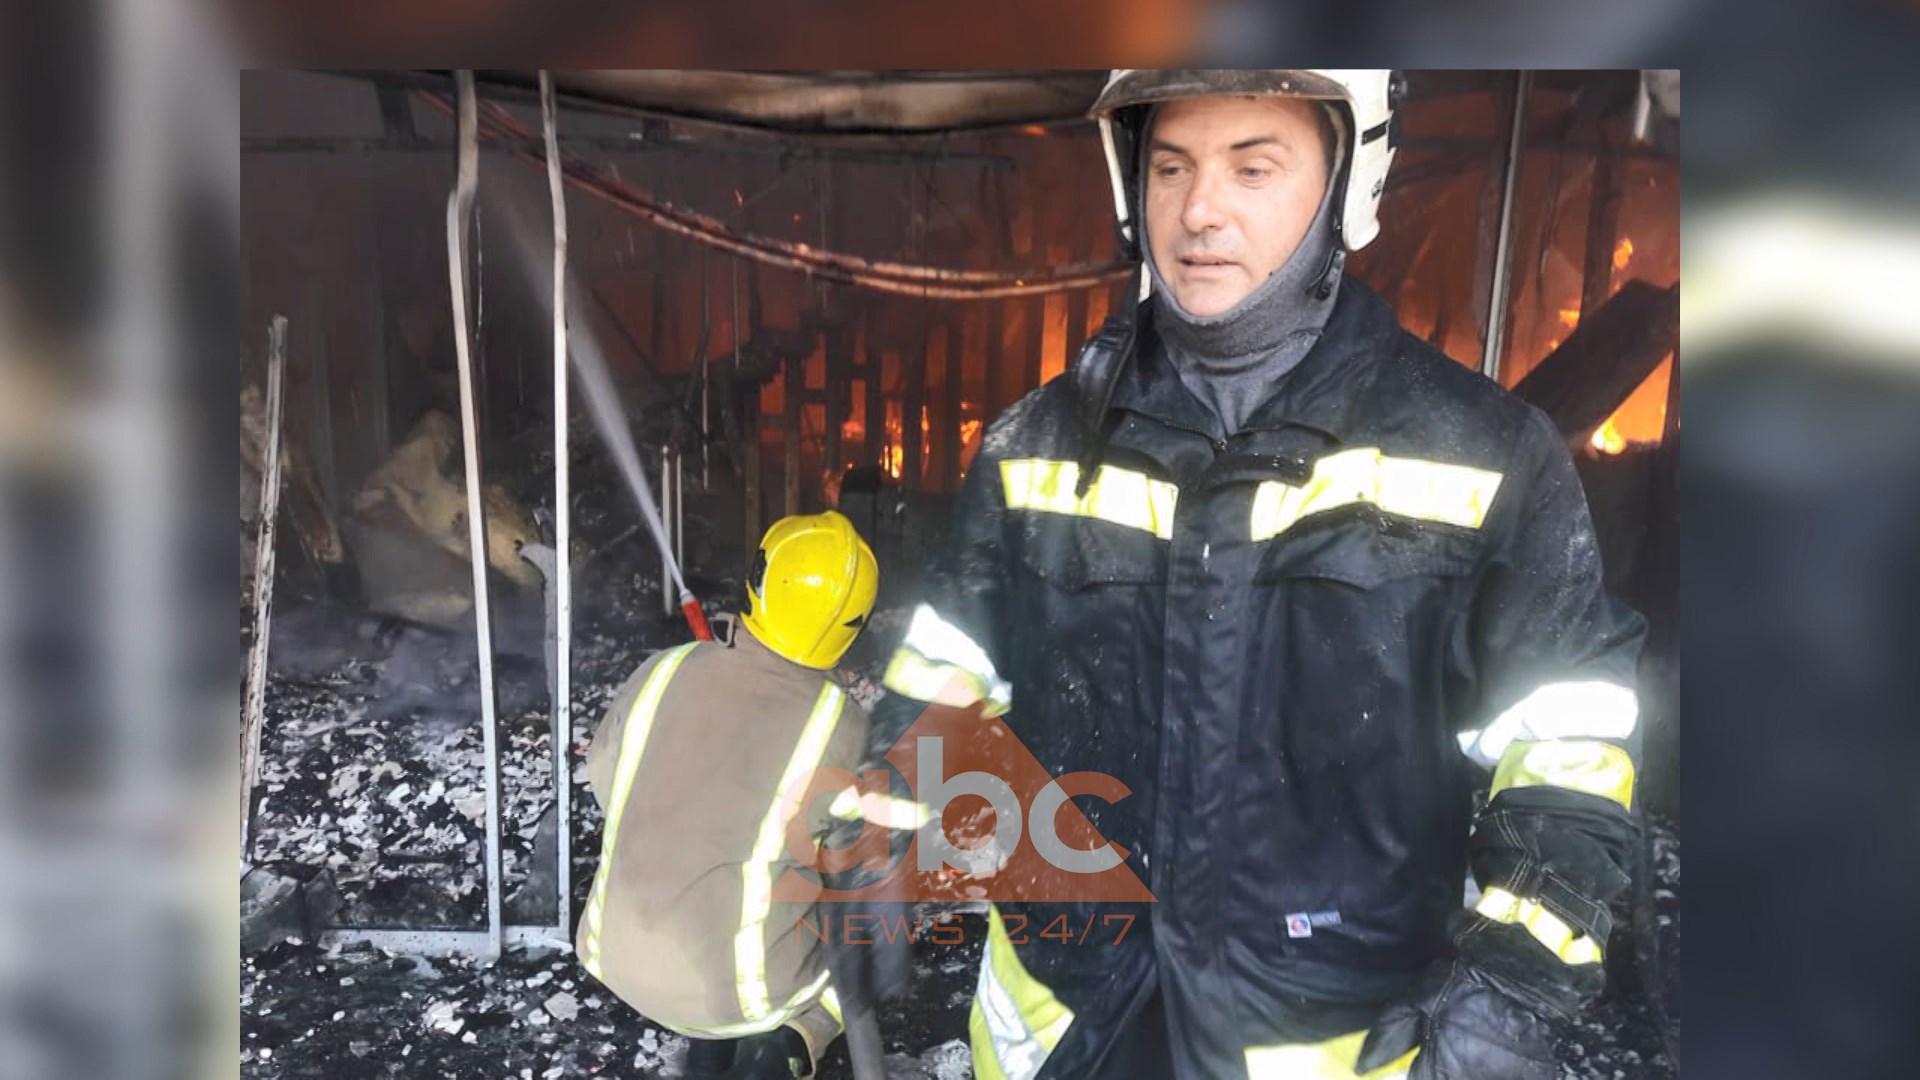 Pranga zjarrfikësit dhunues, Lorenc Hatija torturonte guan dhe fëmijët